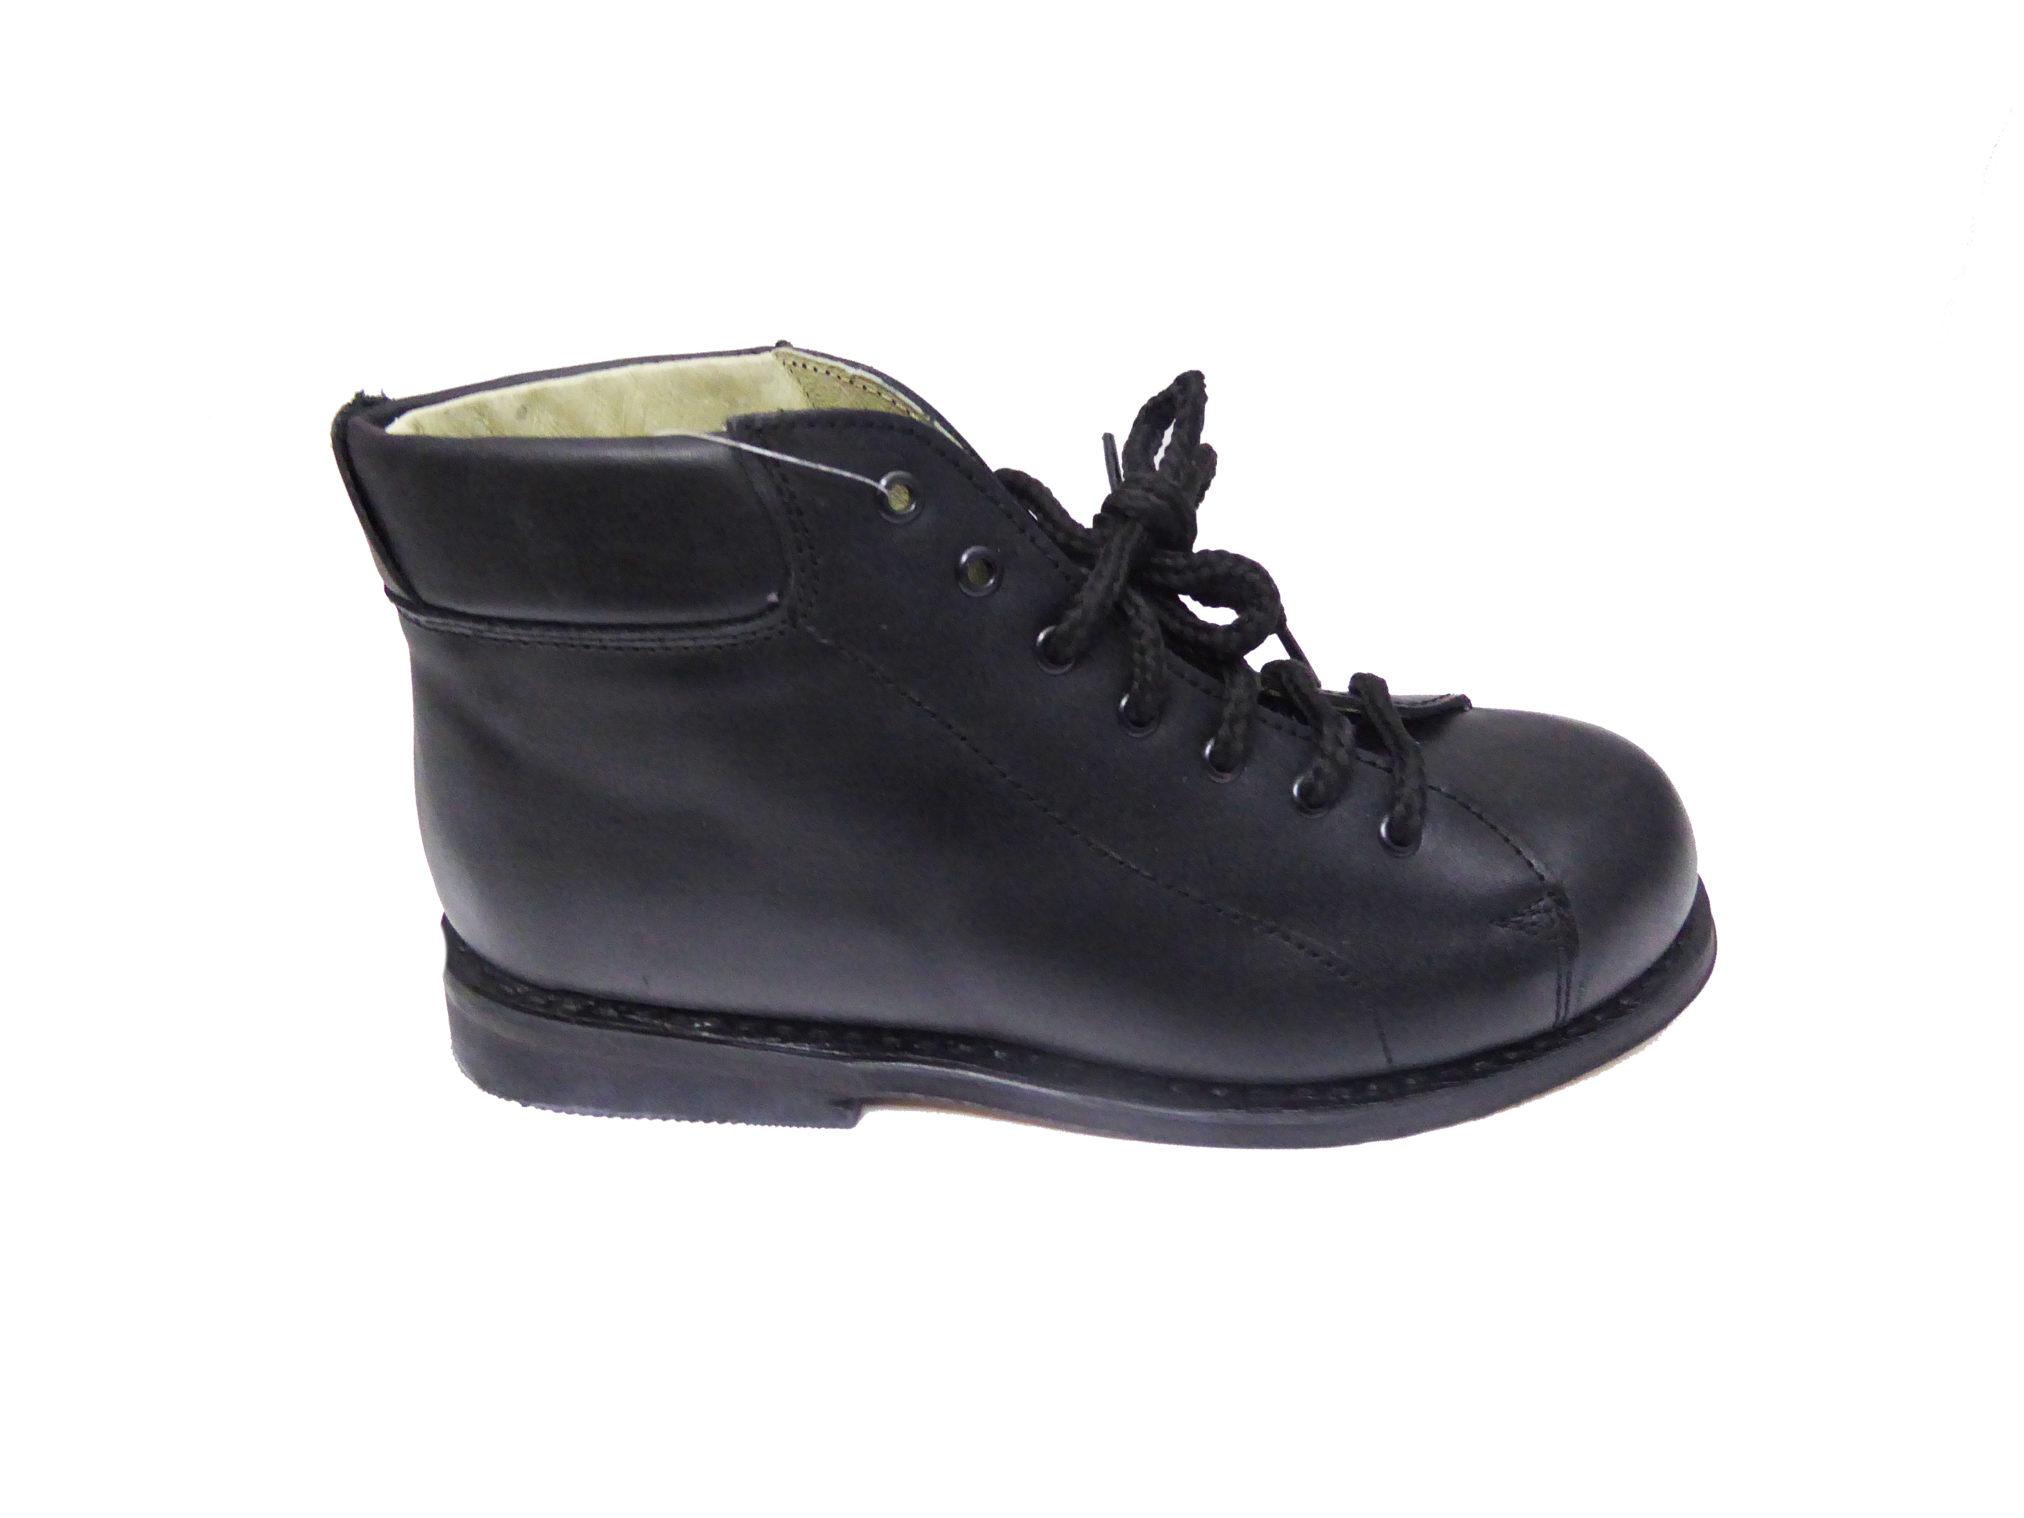 Recta Co Zapatos 9066 Negro Hombre Pie Ortopédicos Horma BordCxe